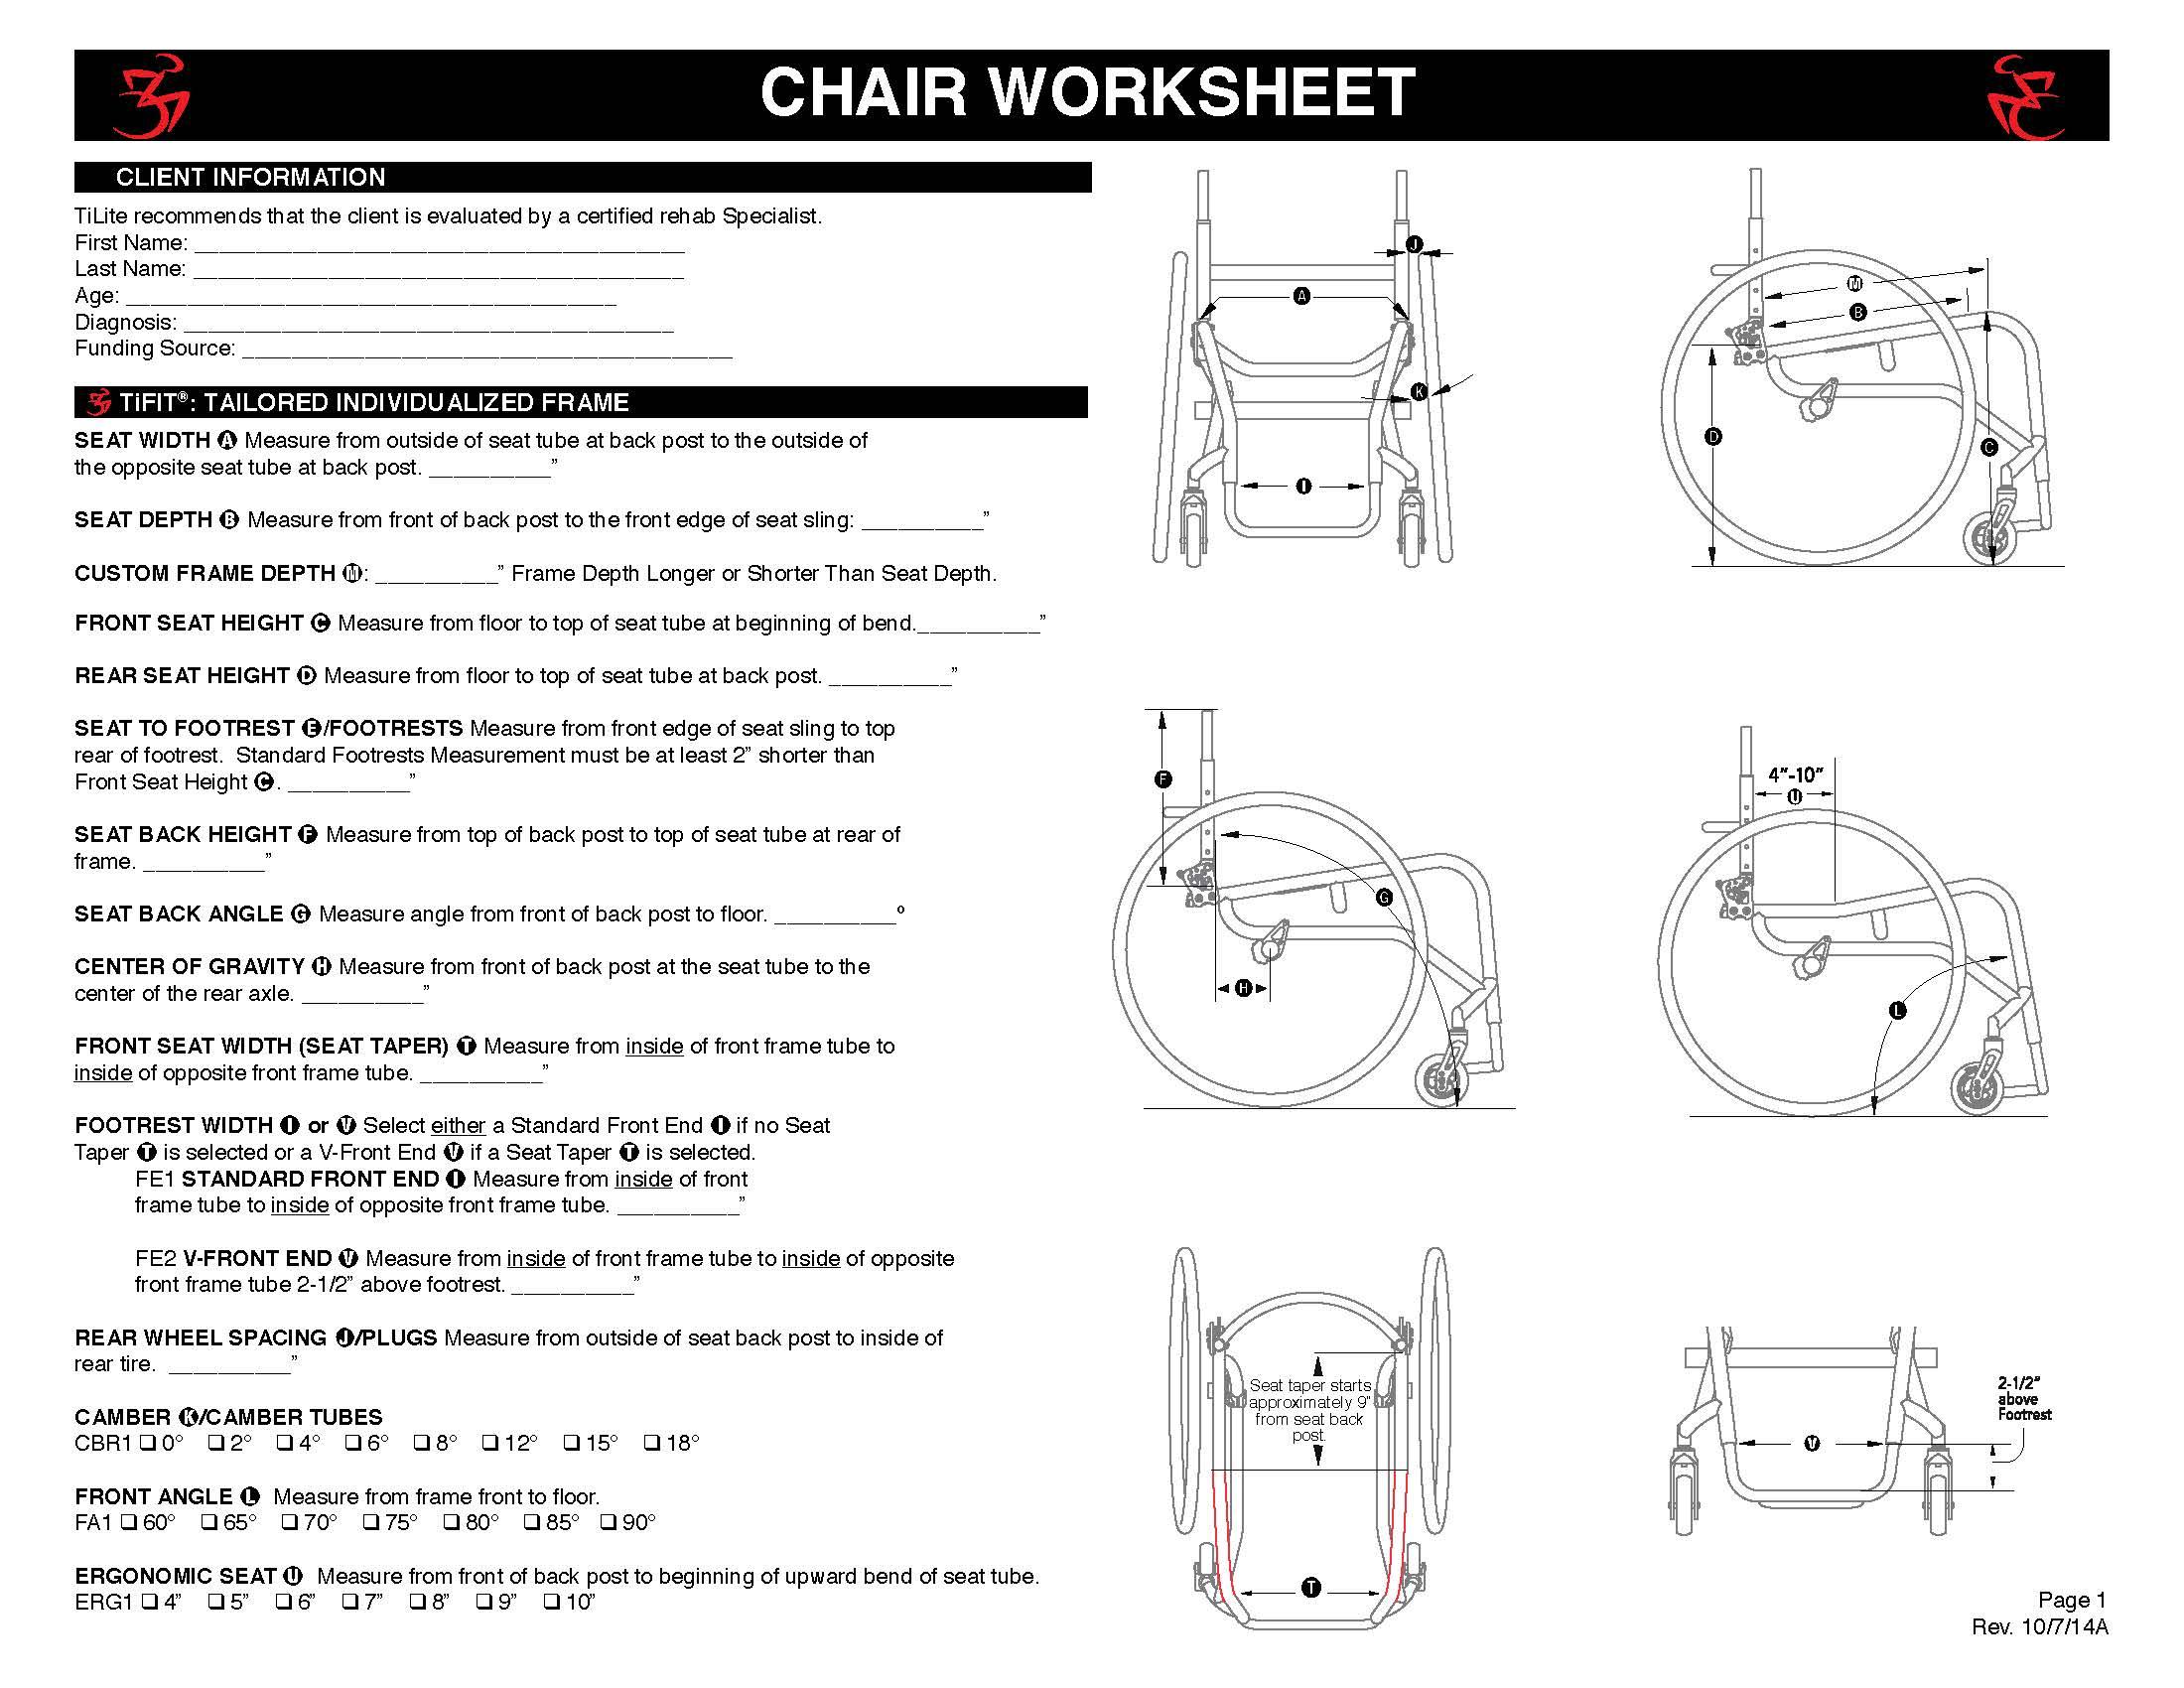 TiFit Chair Worksheet_Page_1